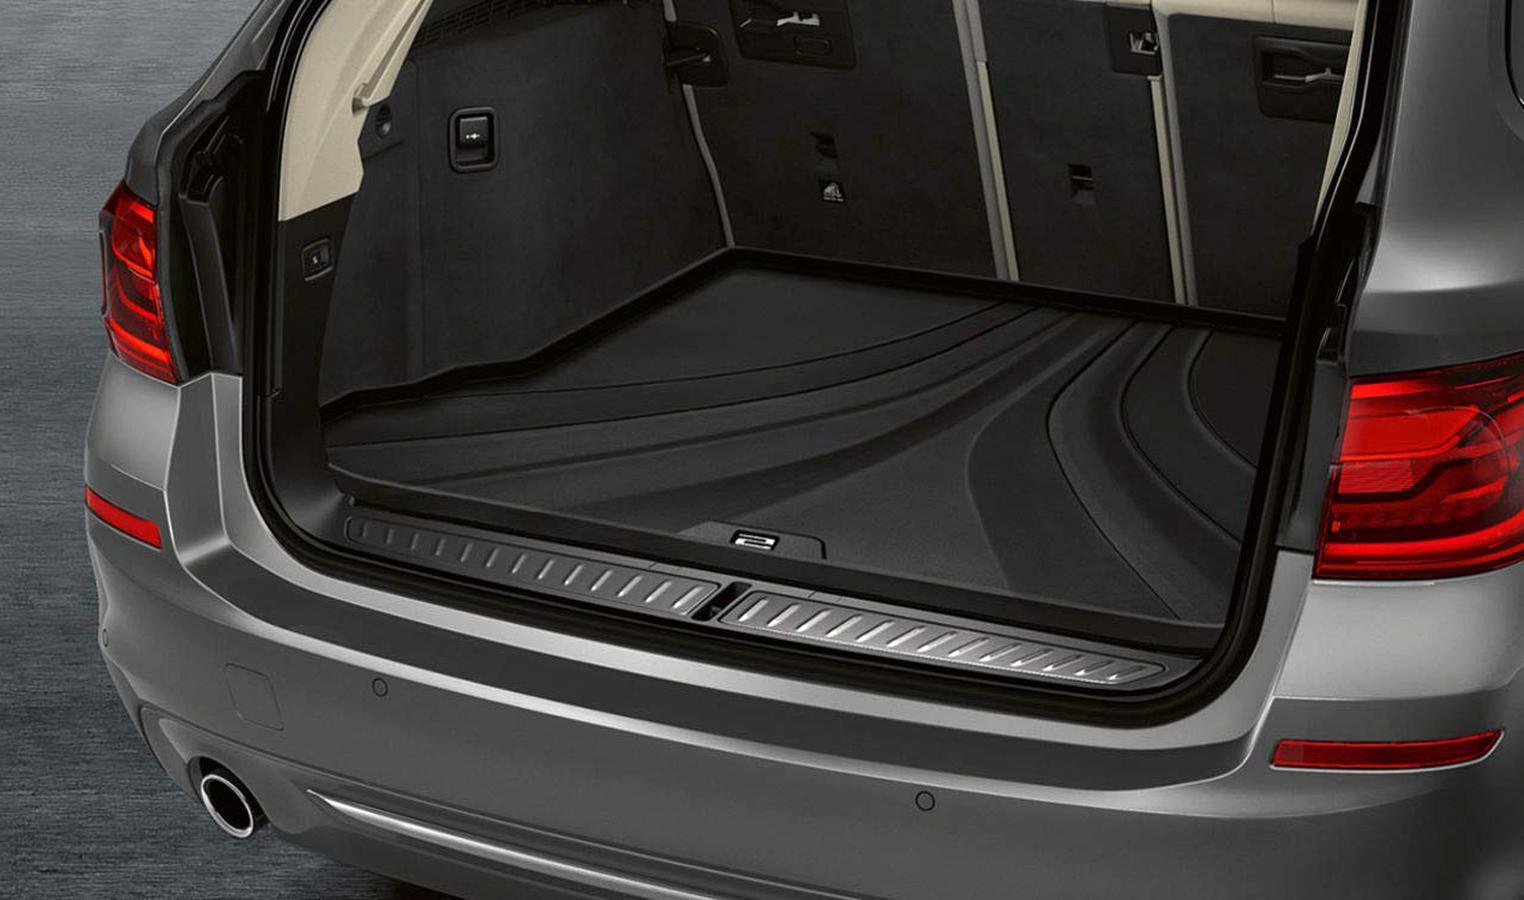 NEU Lengenfelder Kofferraummatte passend für BMW G01 X3 TPO Gummimaterial